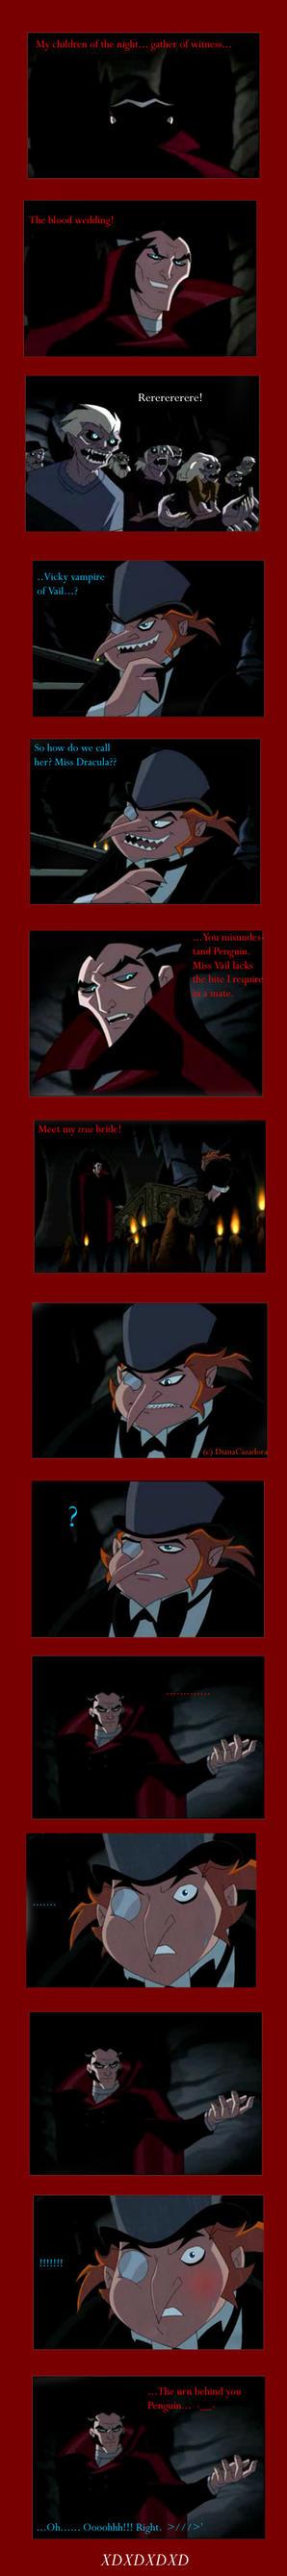 Dracula's true bride XD by DianaCazadora